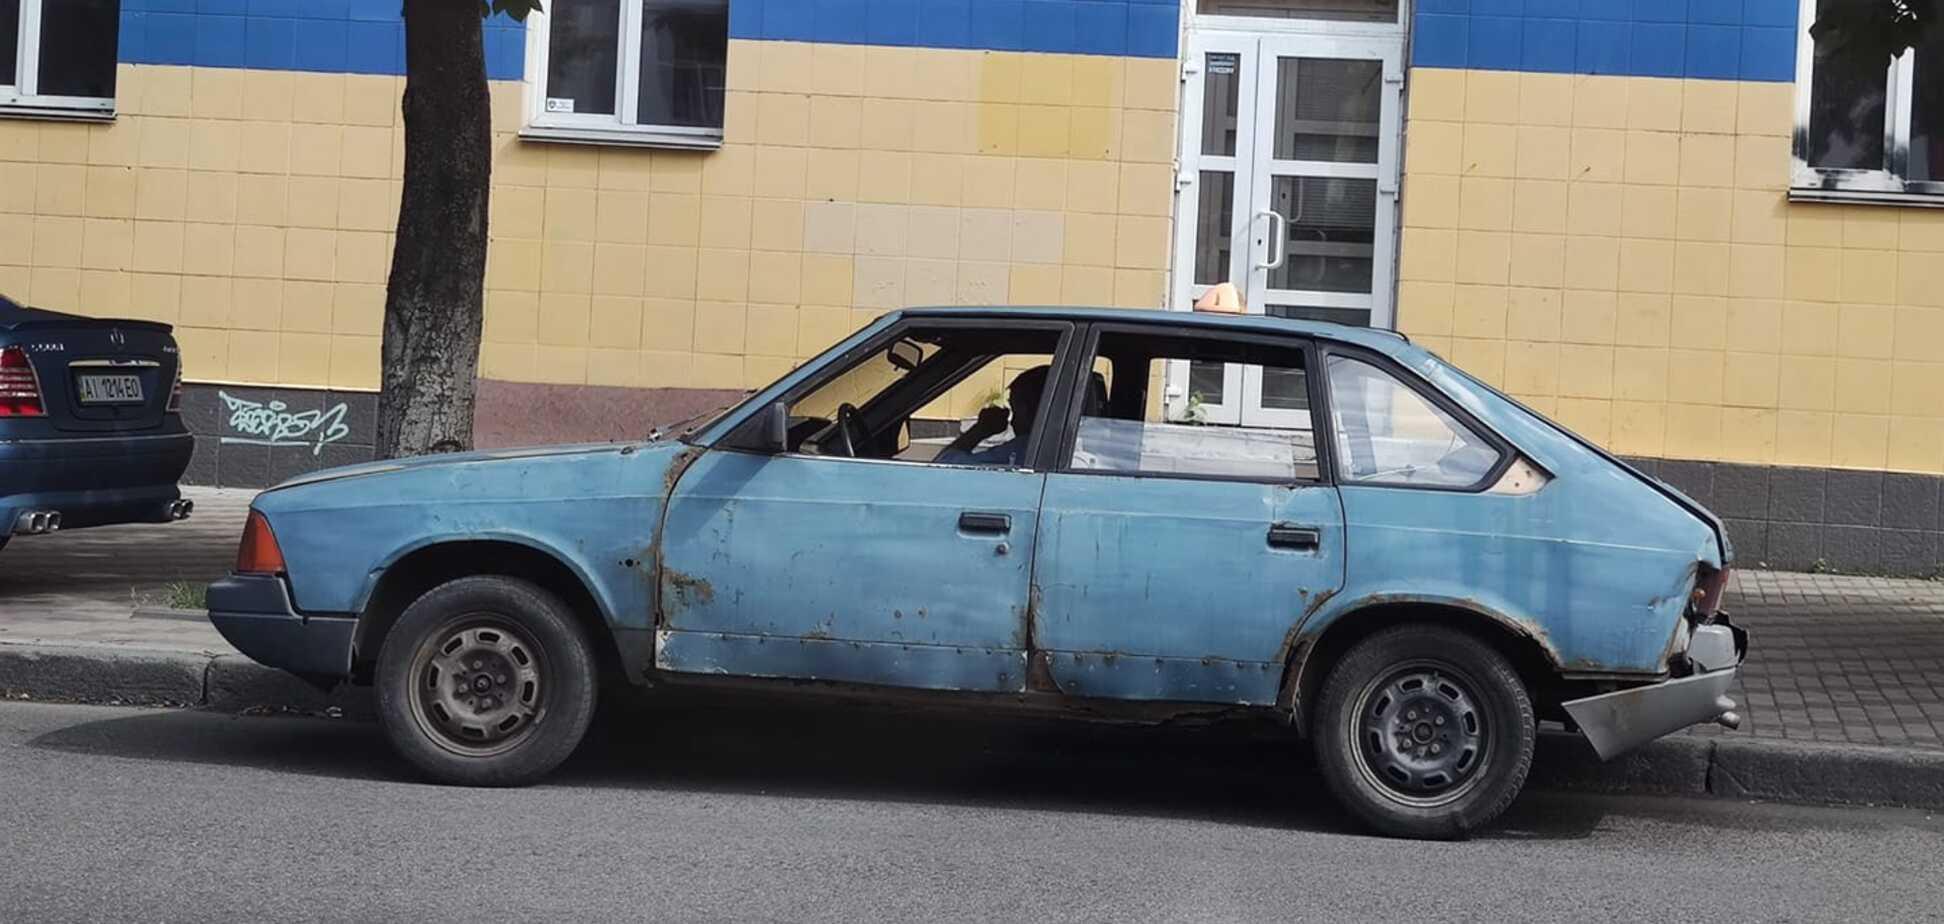 В жутком состоянии: в Киеве заметили 'допотопный' автомобиль такси